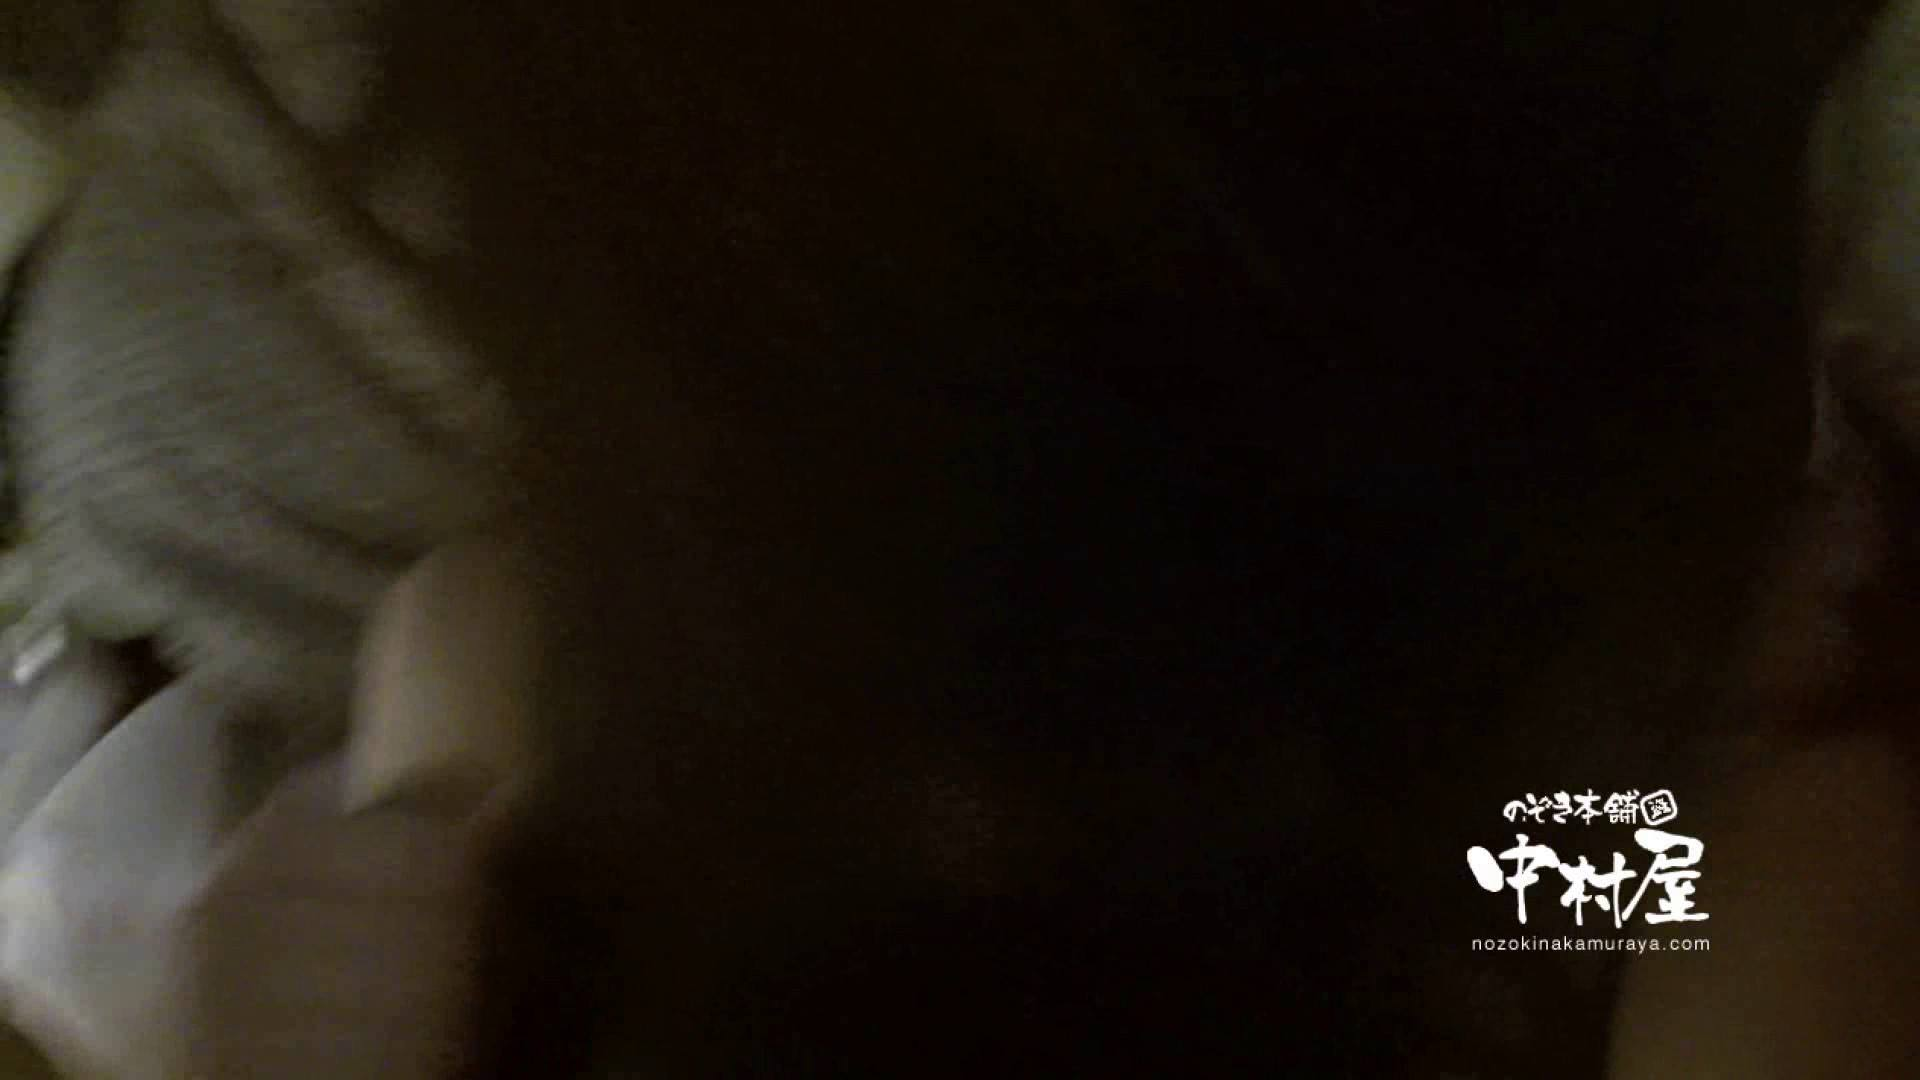 鬼畜 vol.08 極悪!妊娠覚悟の中出し! 前編 鬼畜 オメコ無修正動画無料 57連発 8